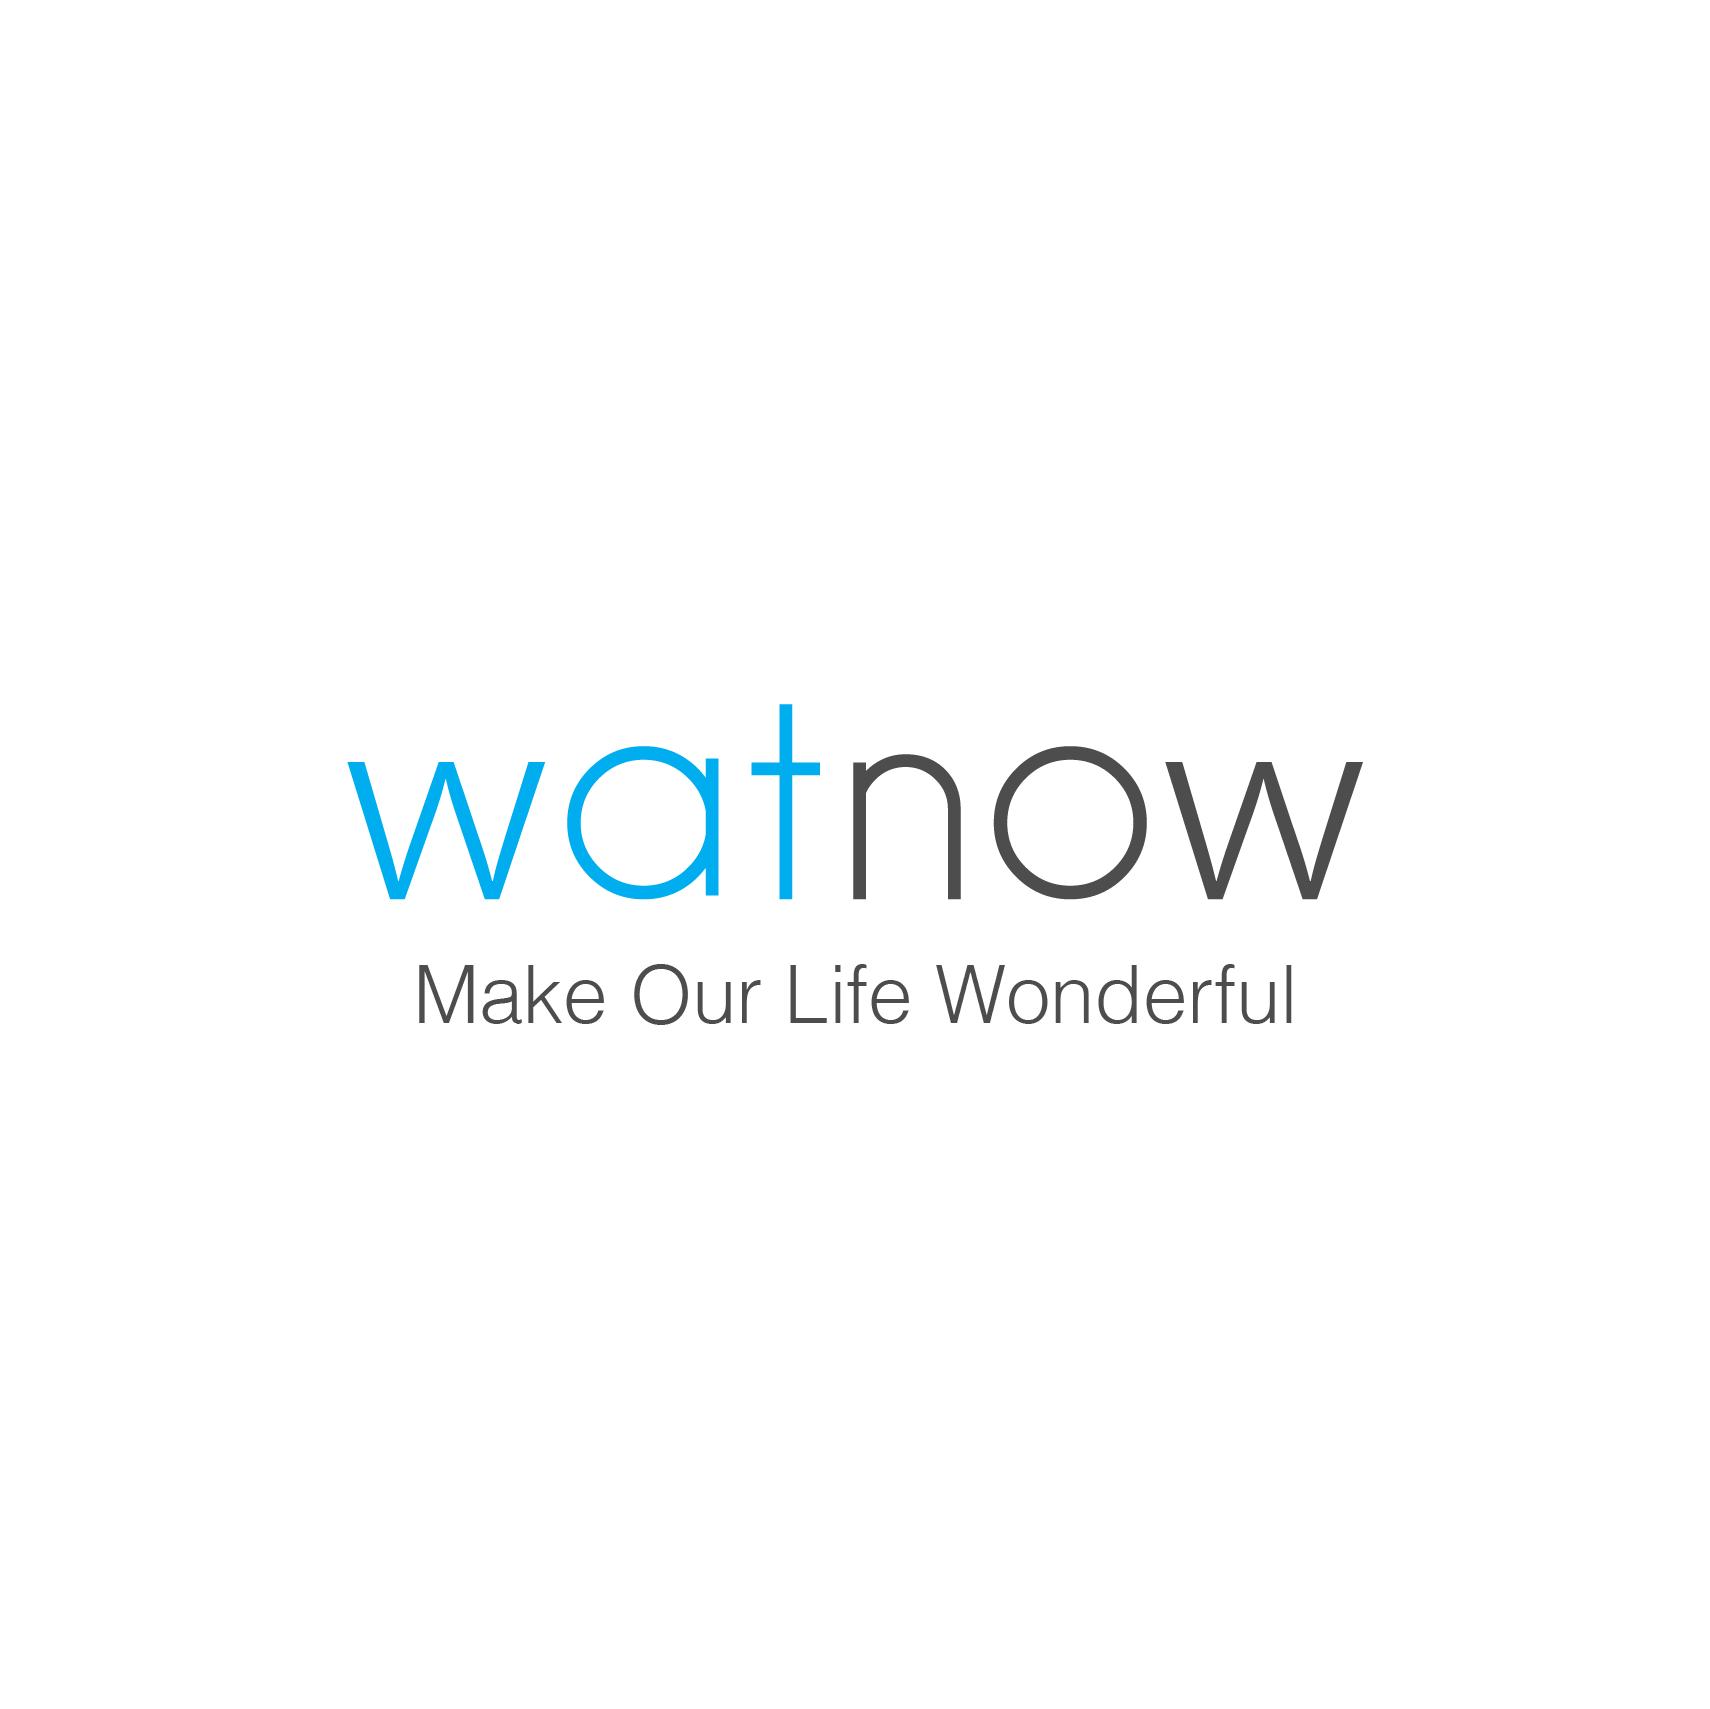 watnow